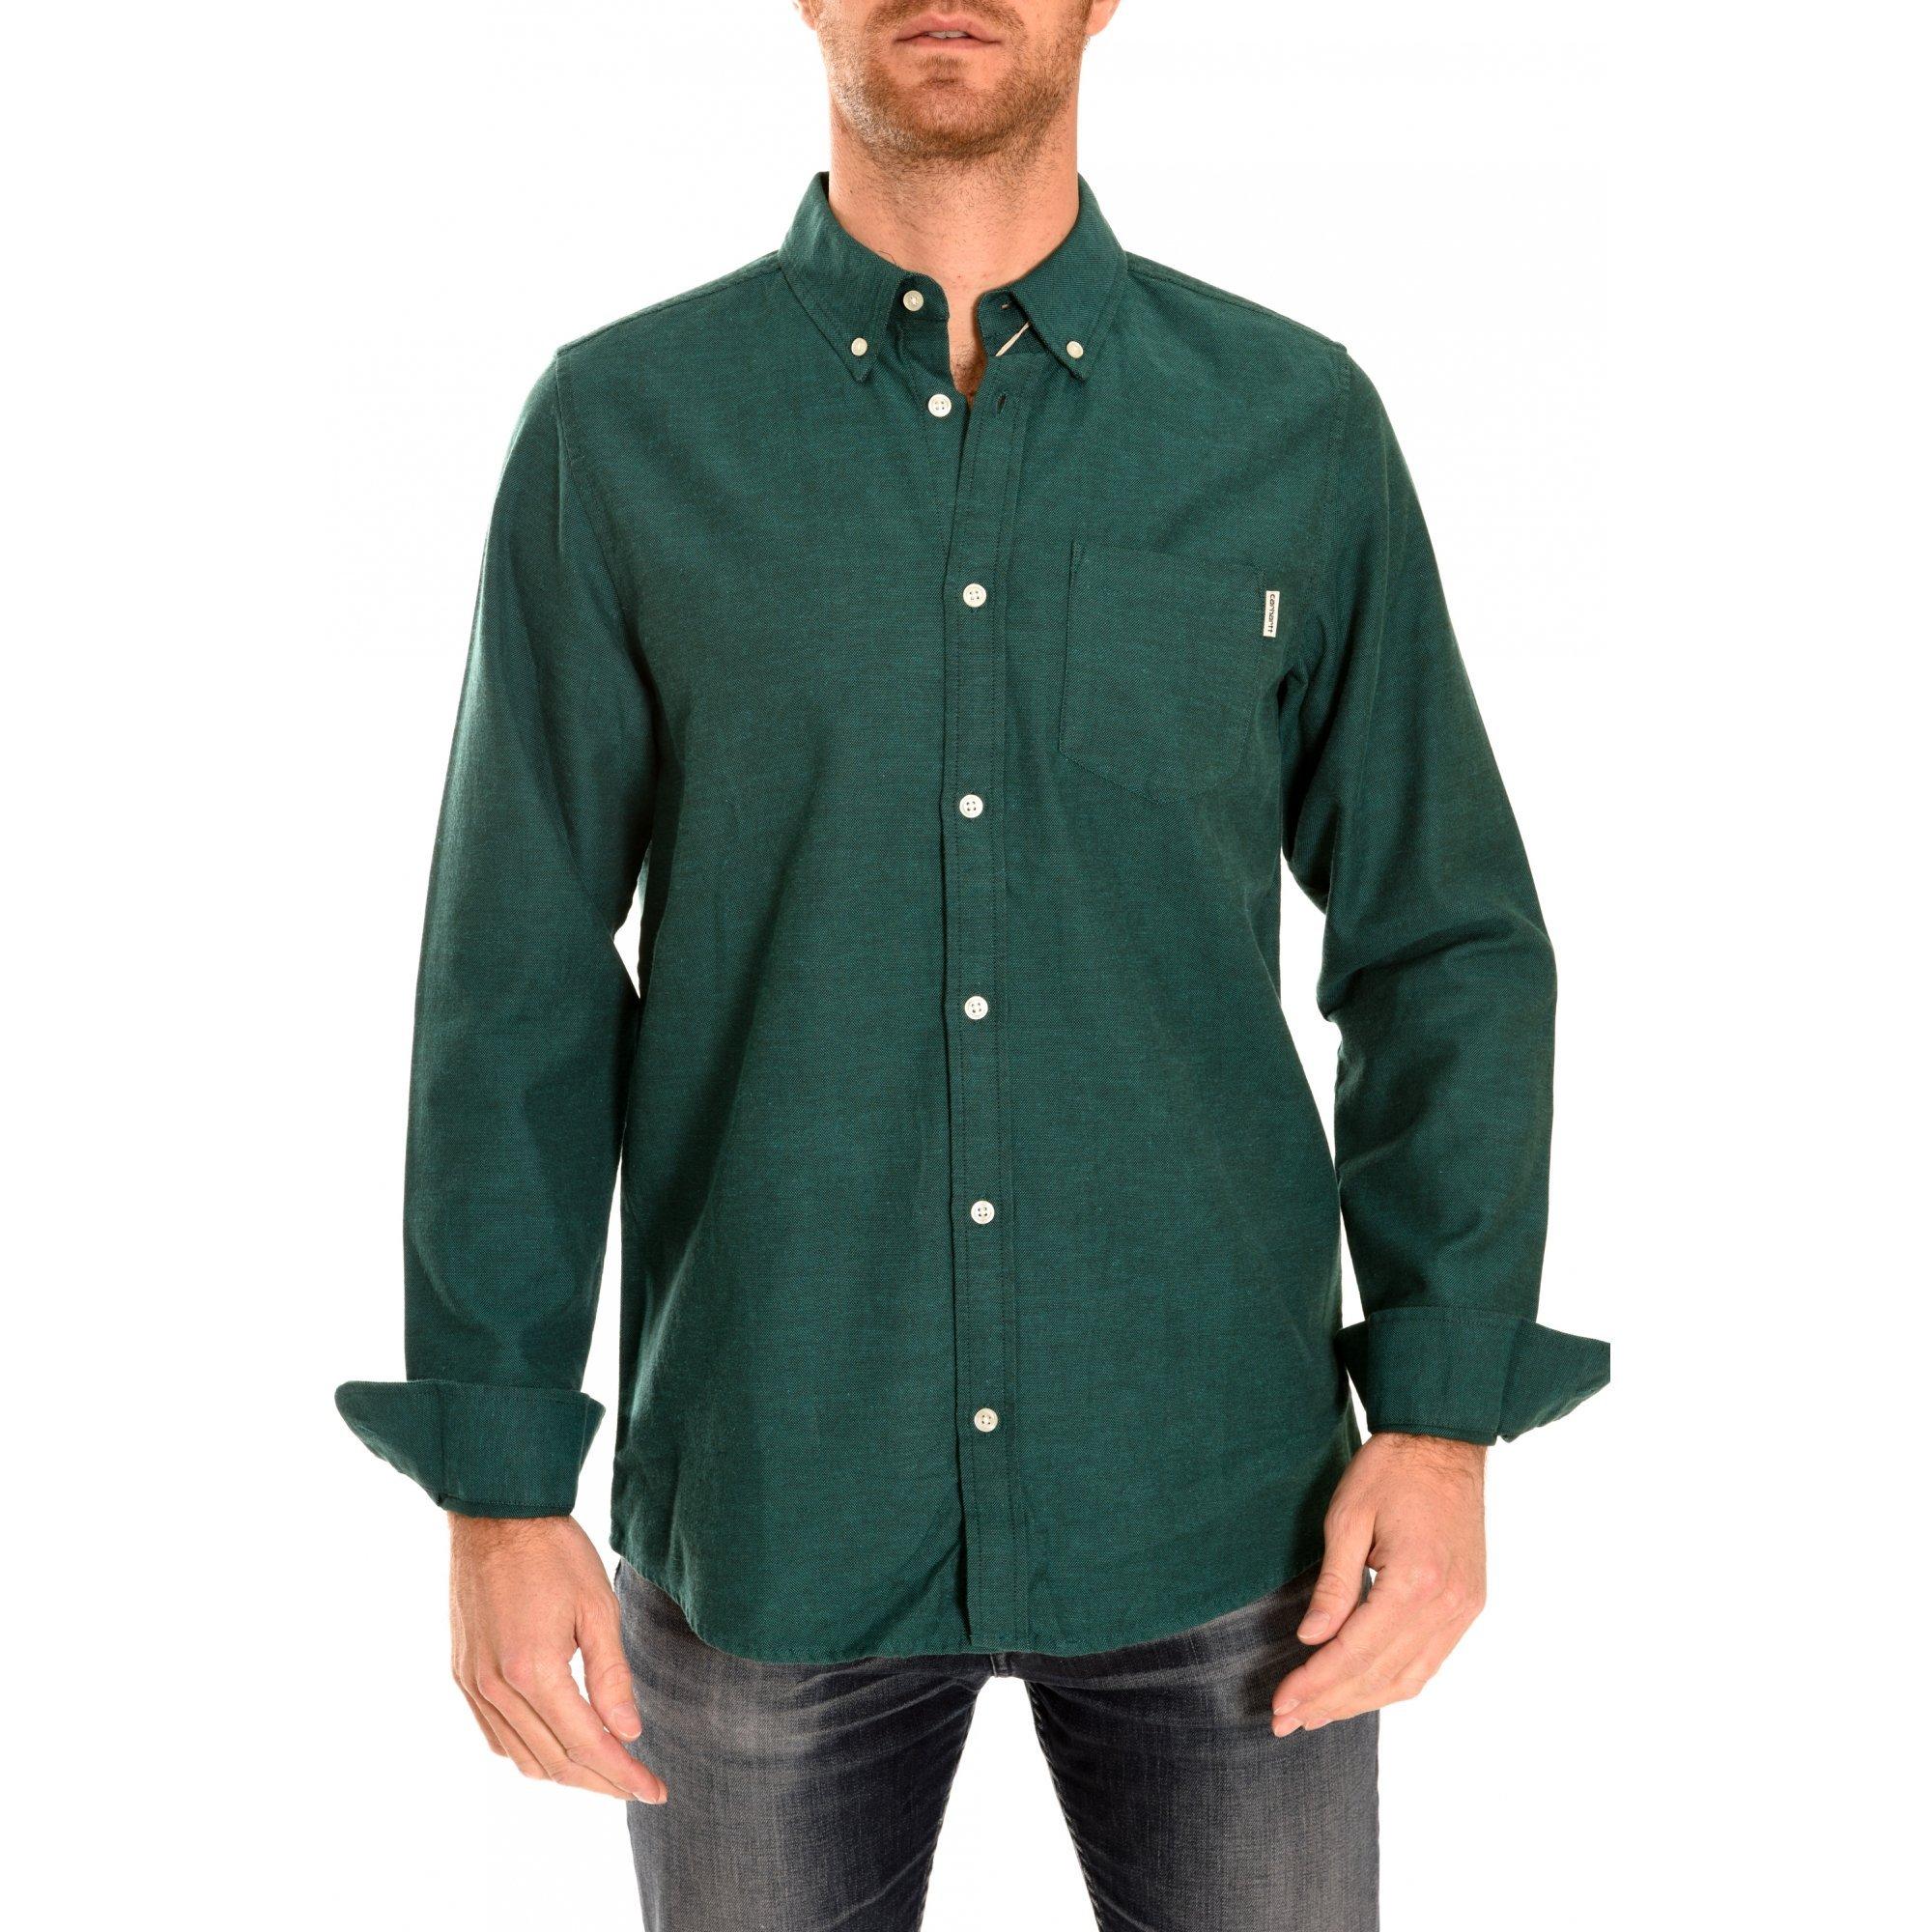 Carhartt Dalton Camisa de manga larga para hombre Verde verde Talla:mediano: Amazon.es: Deportes y aire libre